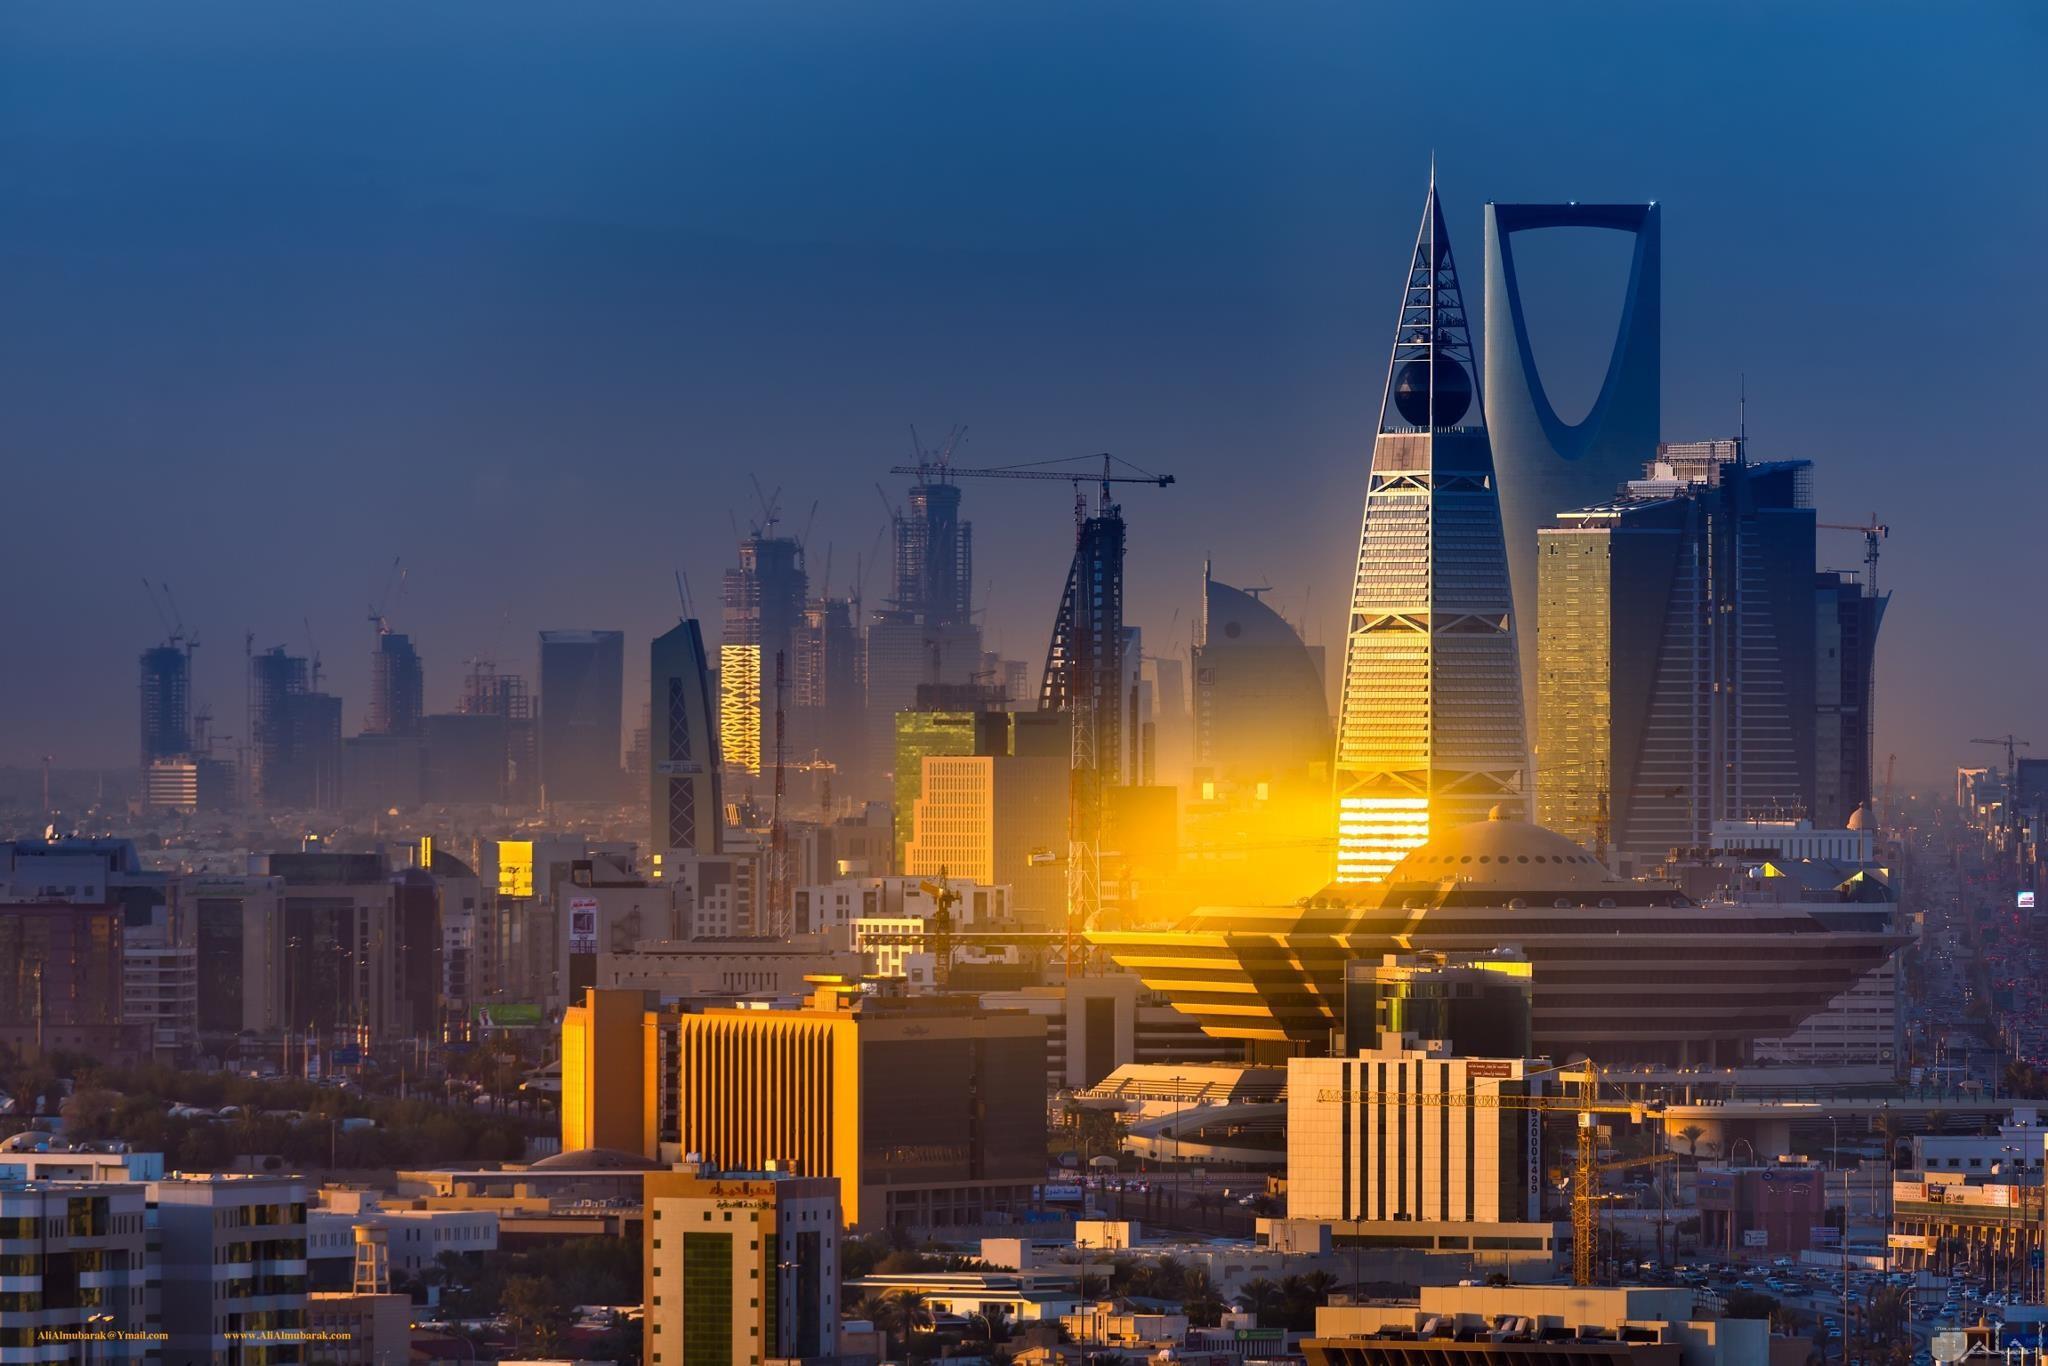 صورة لمدينة الرياضة الخلابة